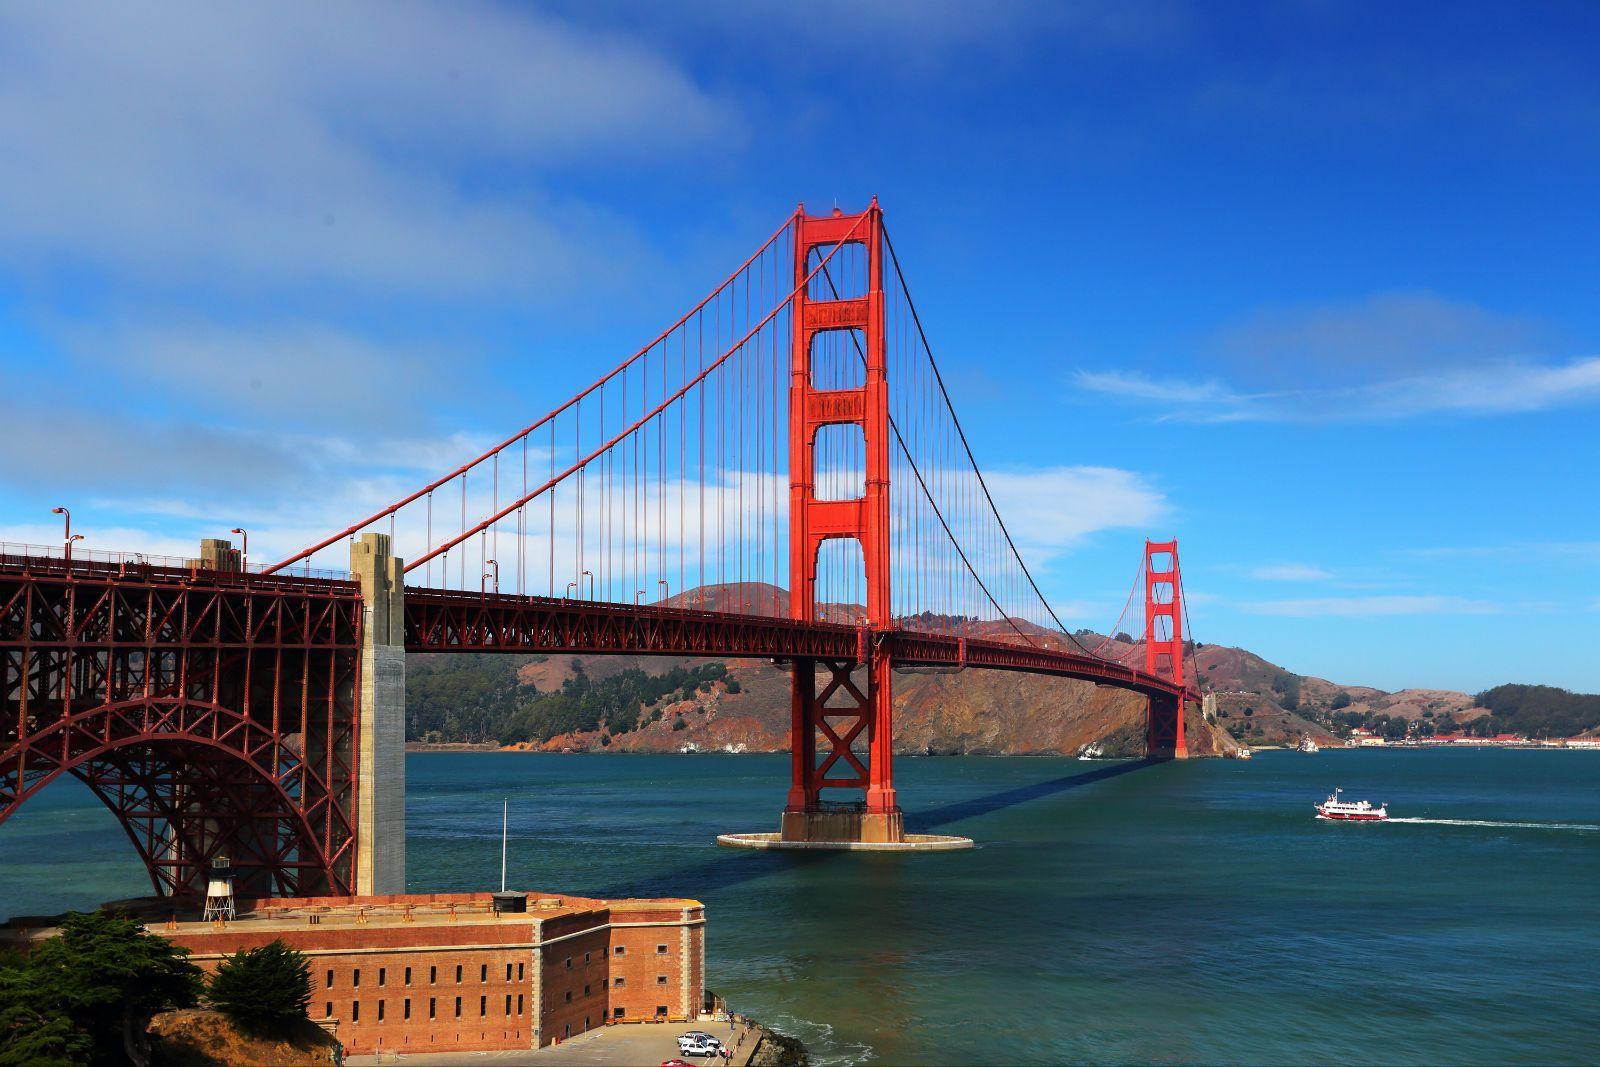 金门大桥的设计者是桥梁工程师约瑟夫·施特劳斯 joseph .